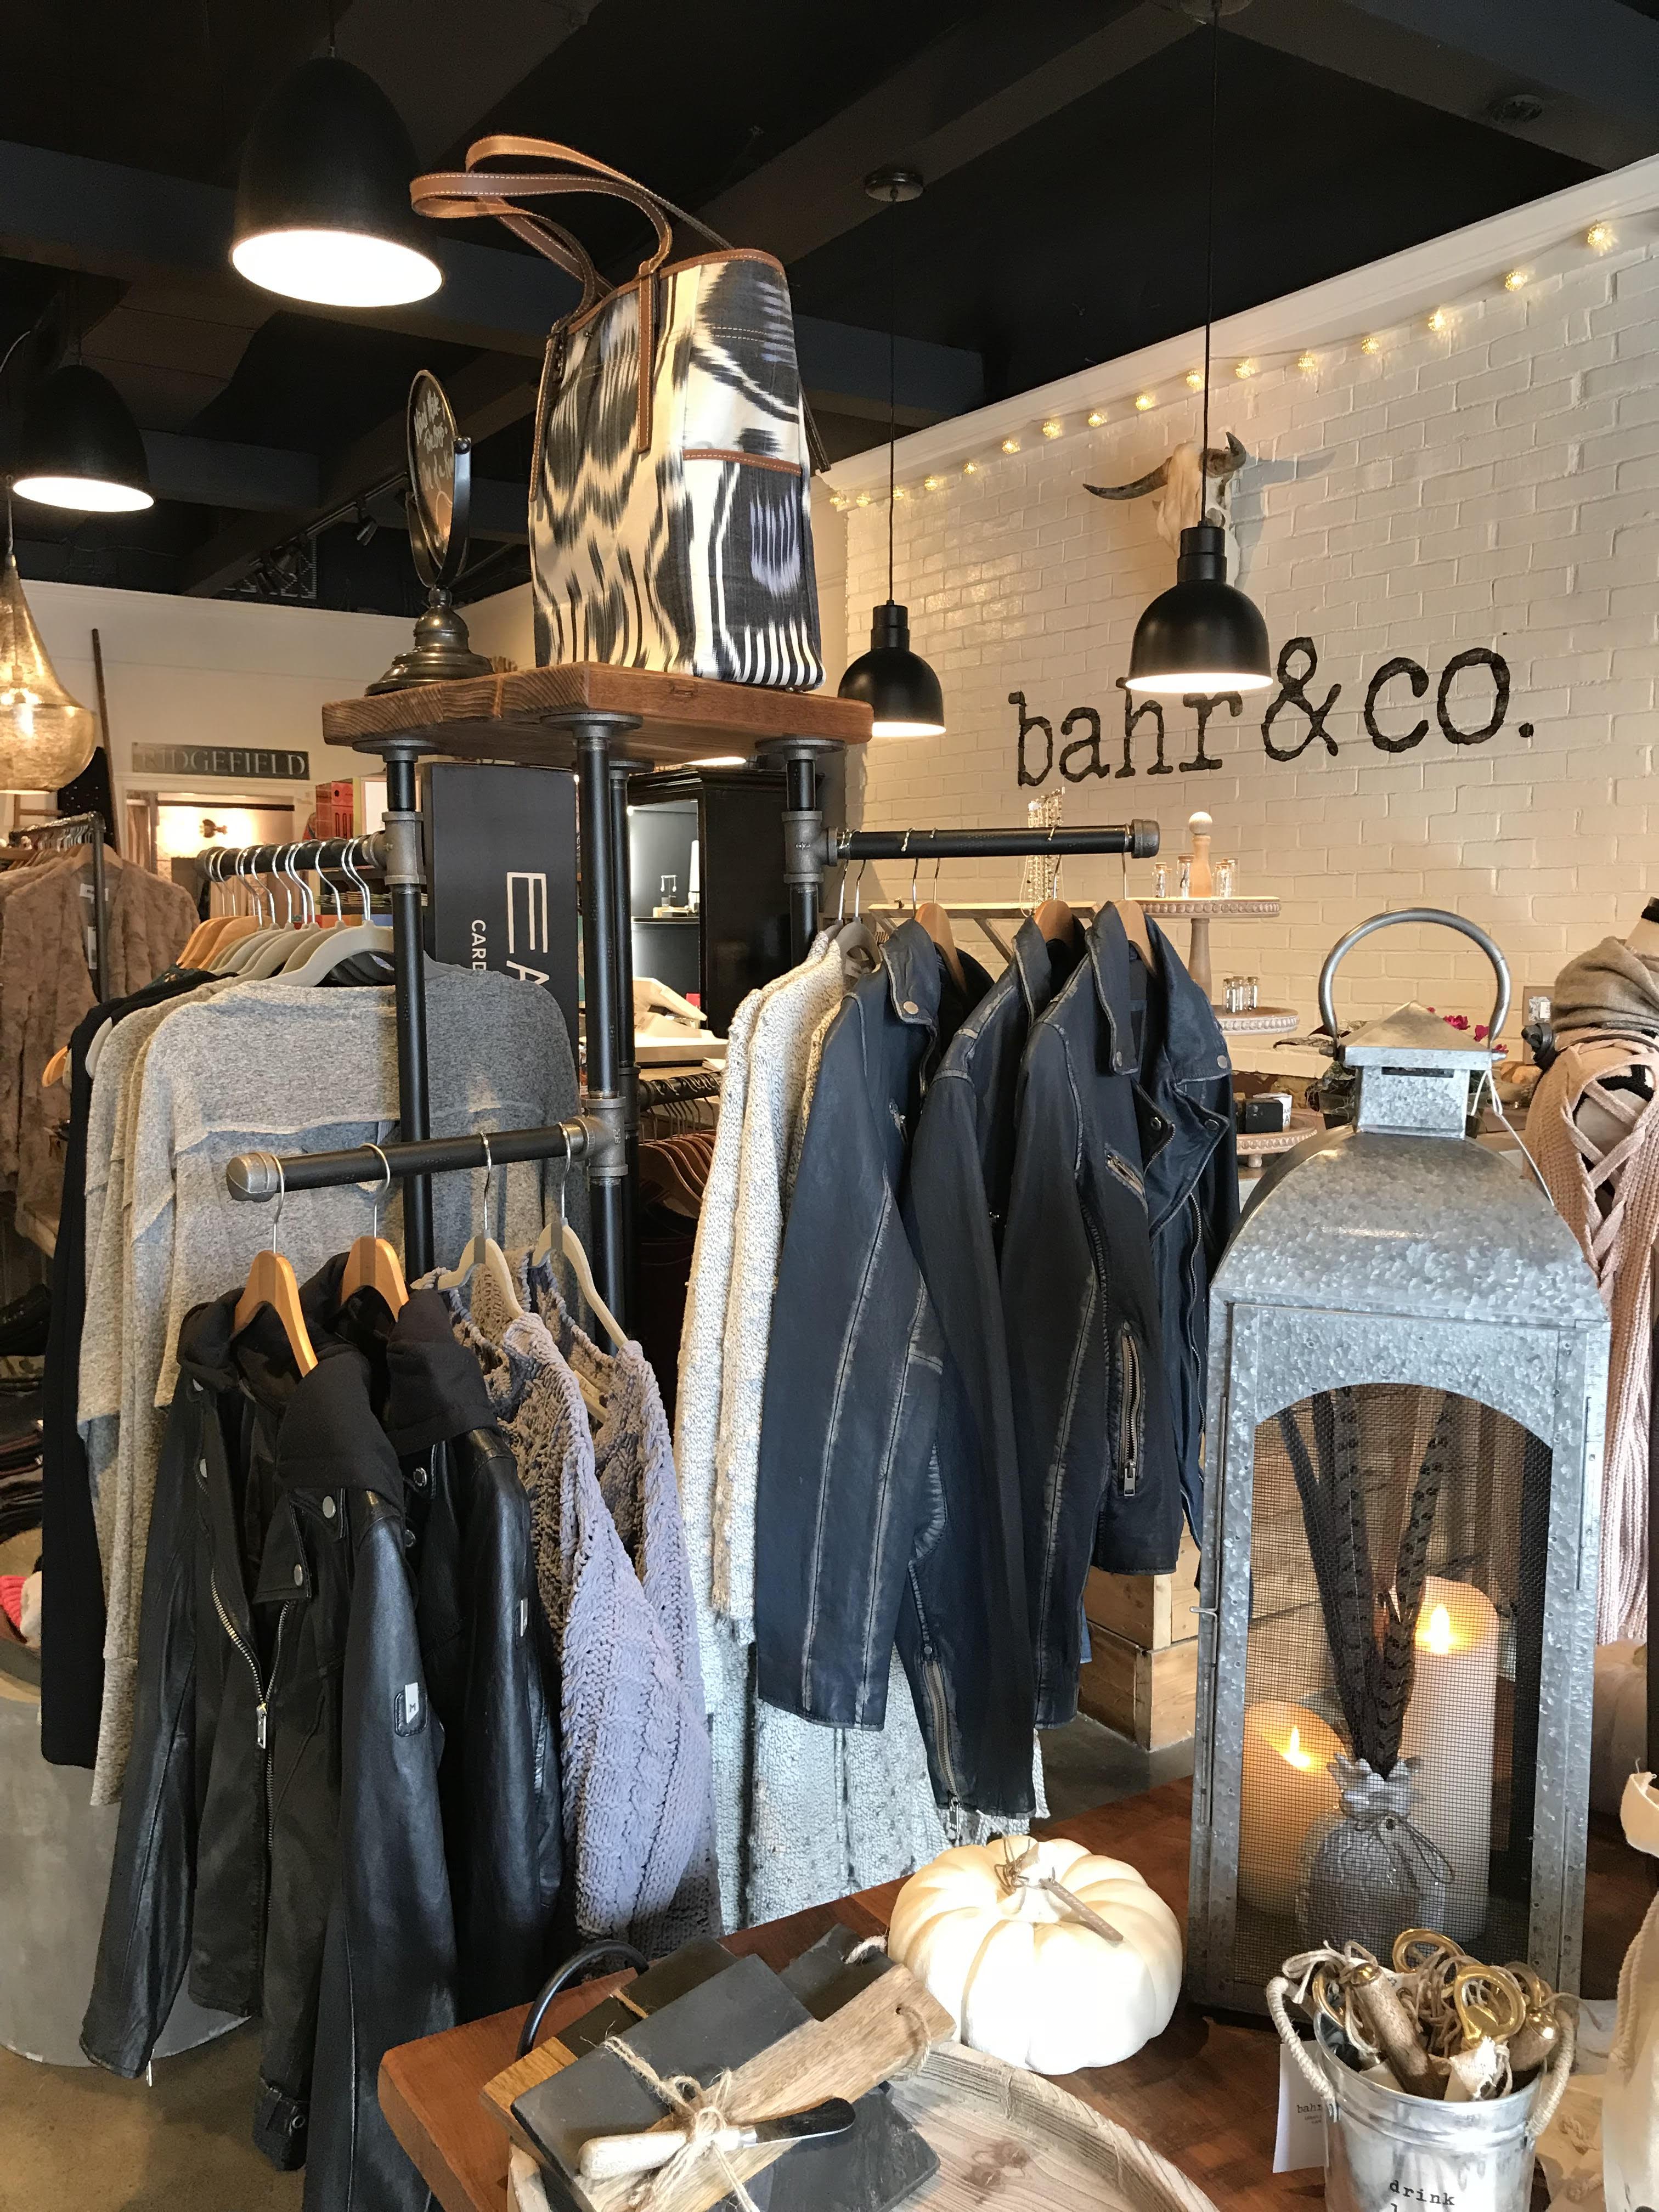 8f168d5e5 New Boutique, Bahr & Co. Opens in Ridgefield's Copps Hill Common